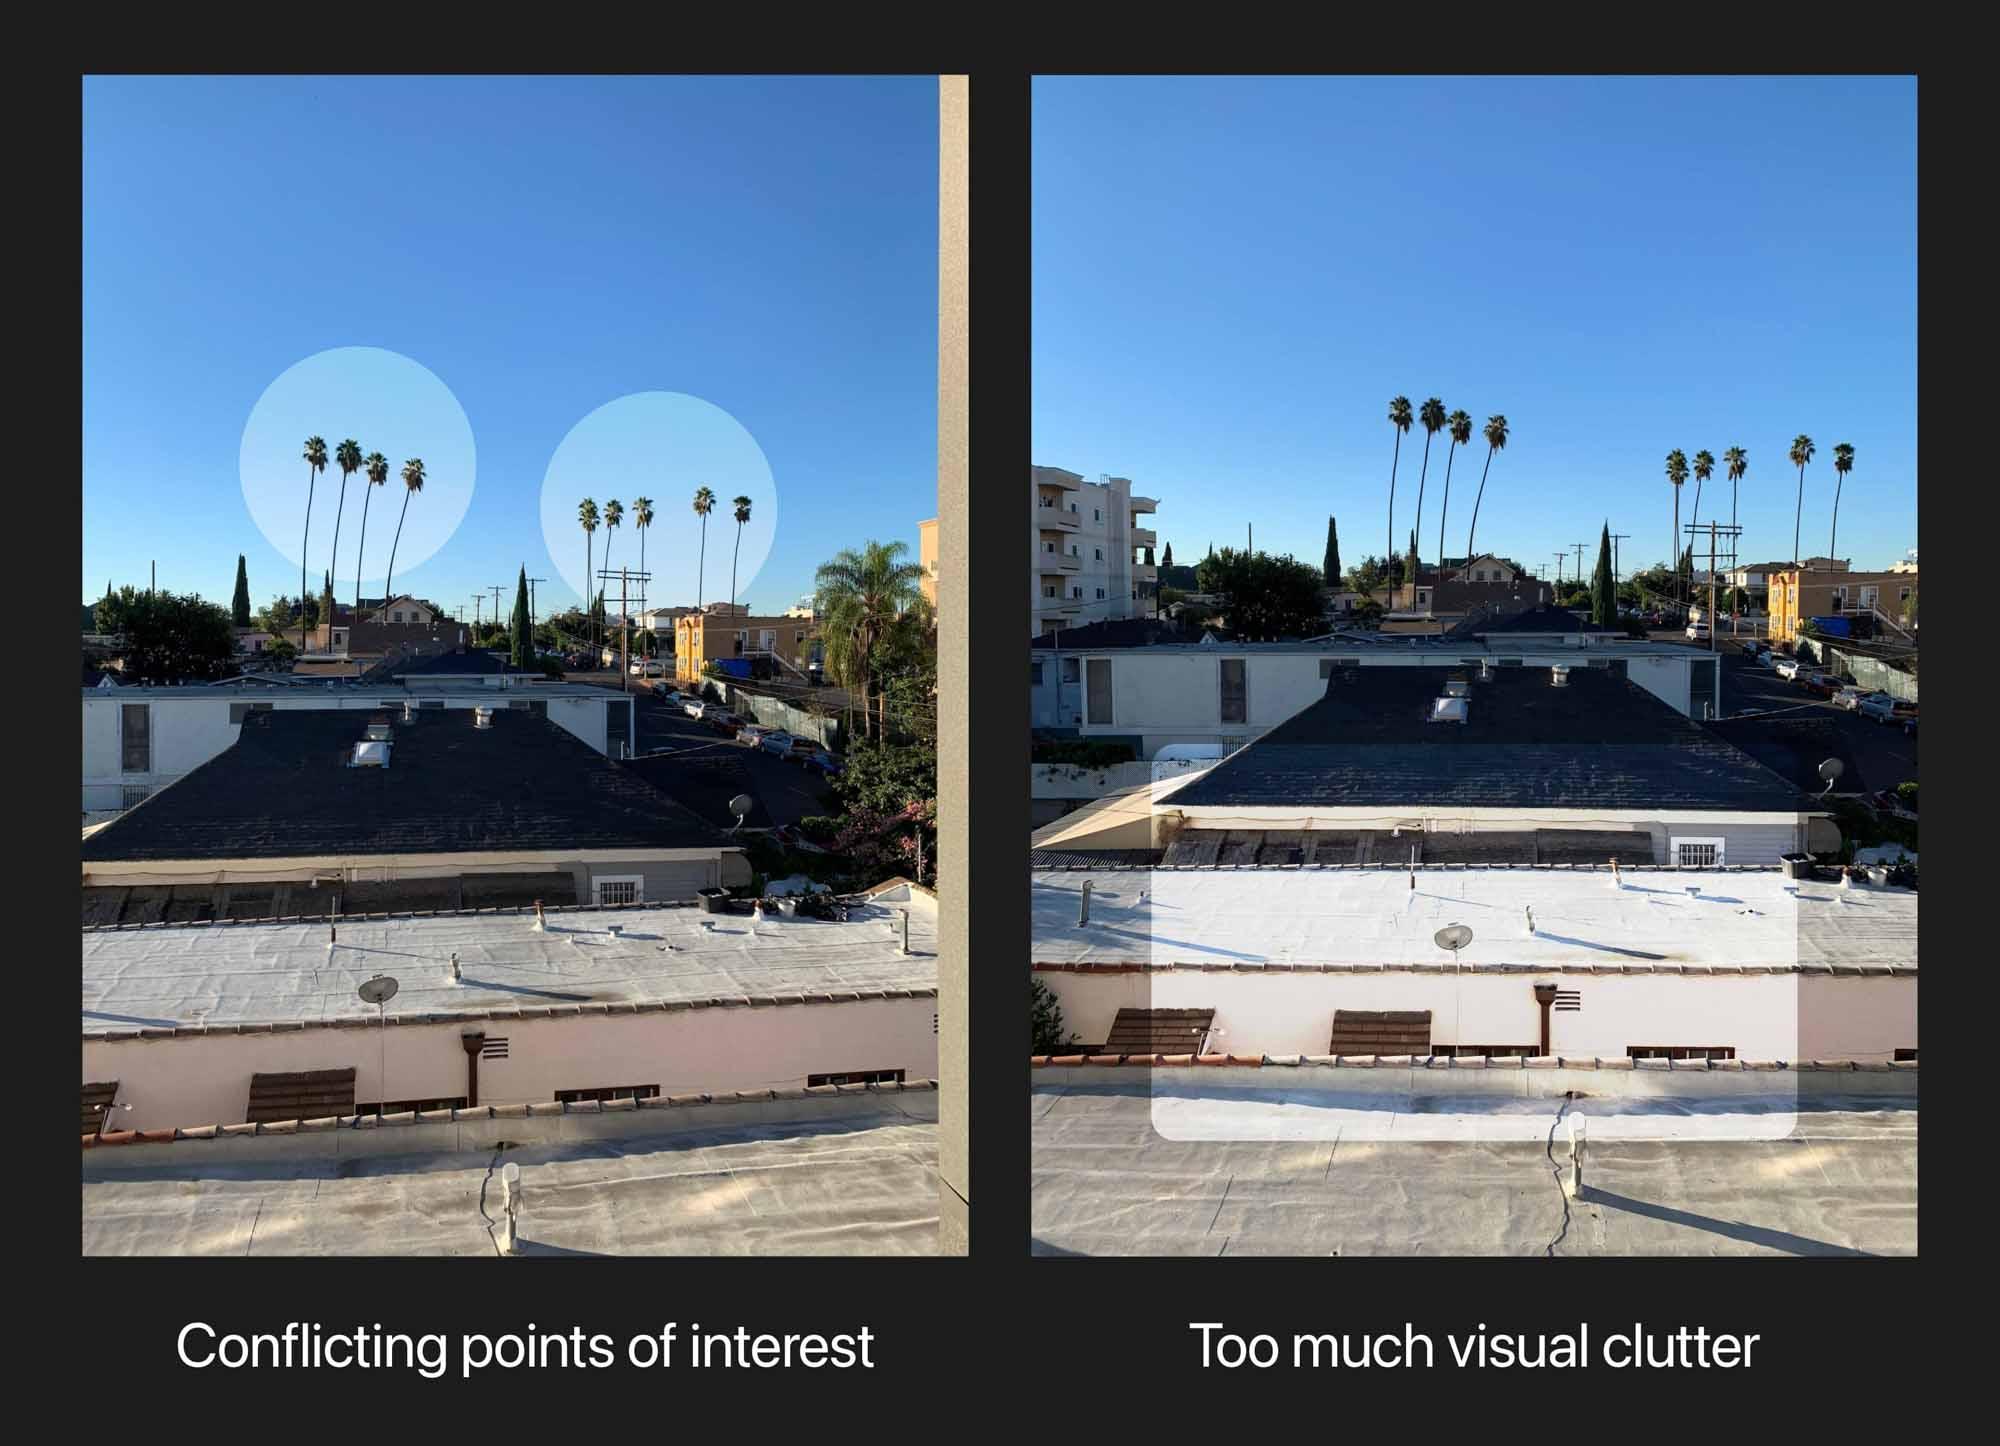 Конфликтующие точки интересов; слишком много визуального беспорядка